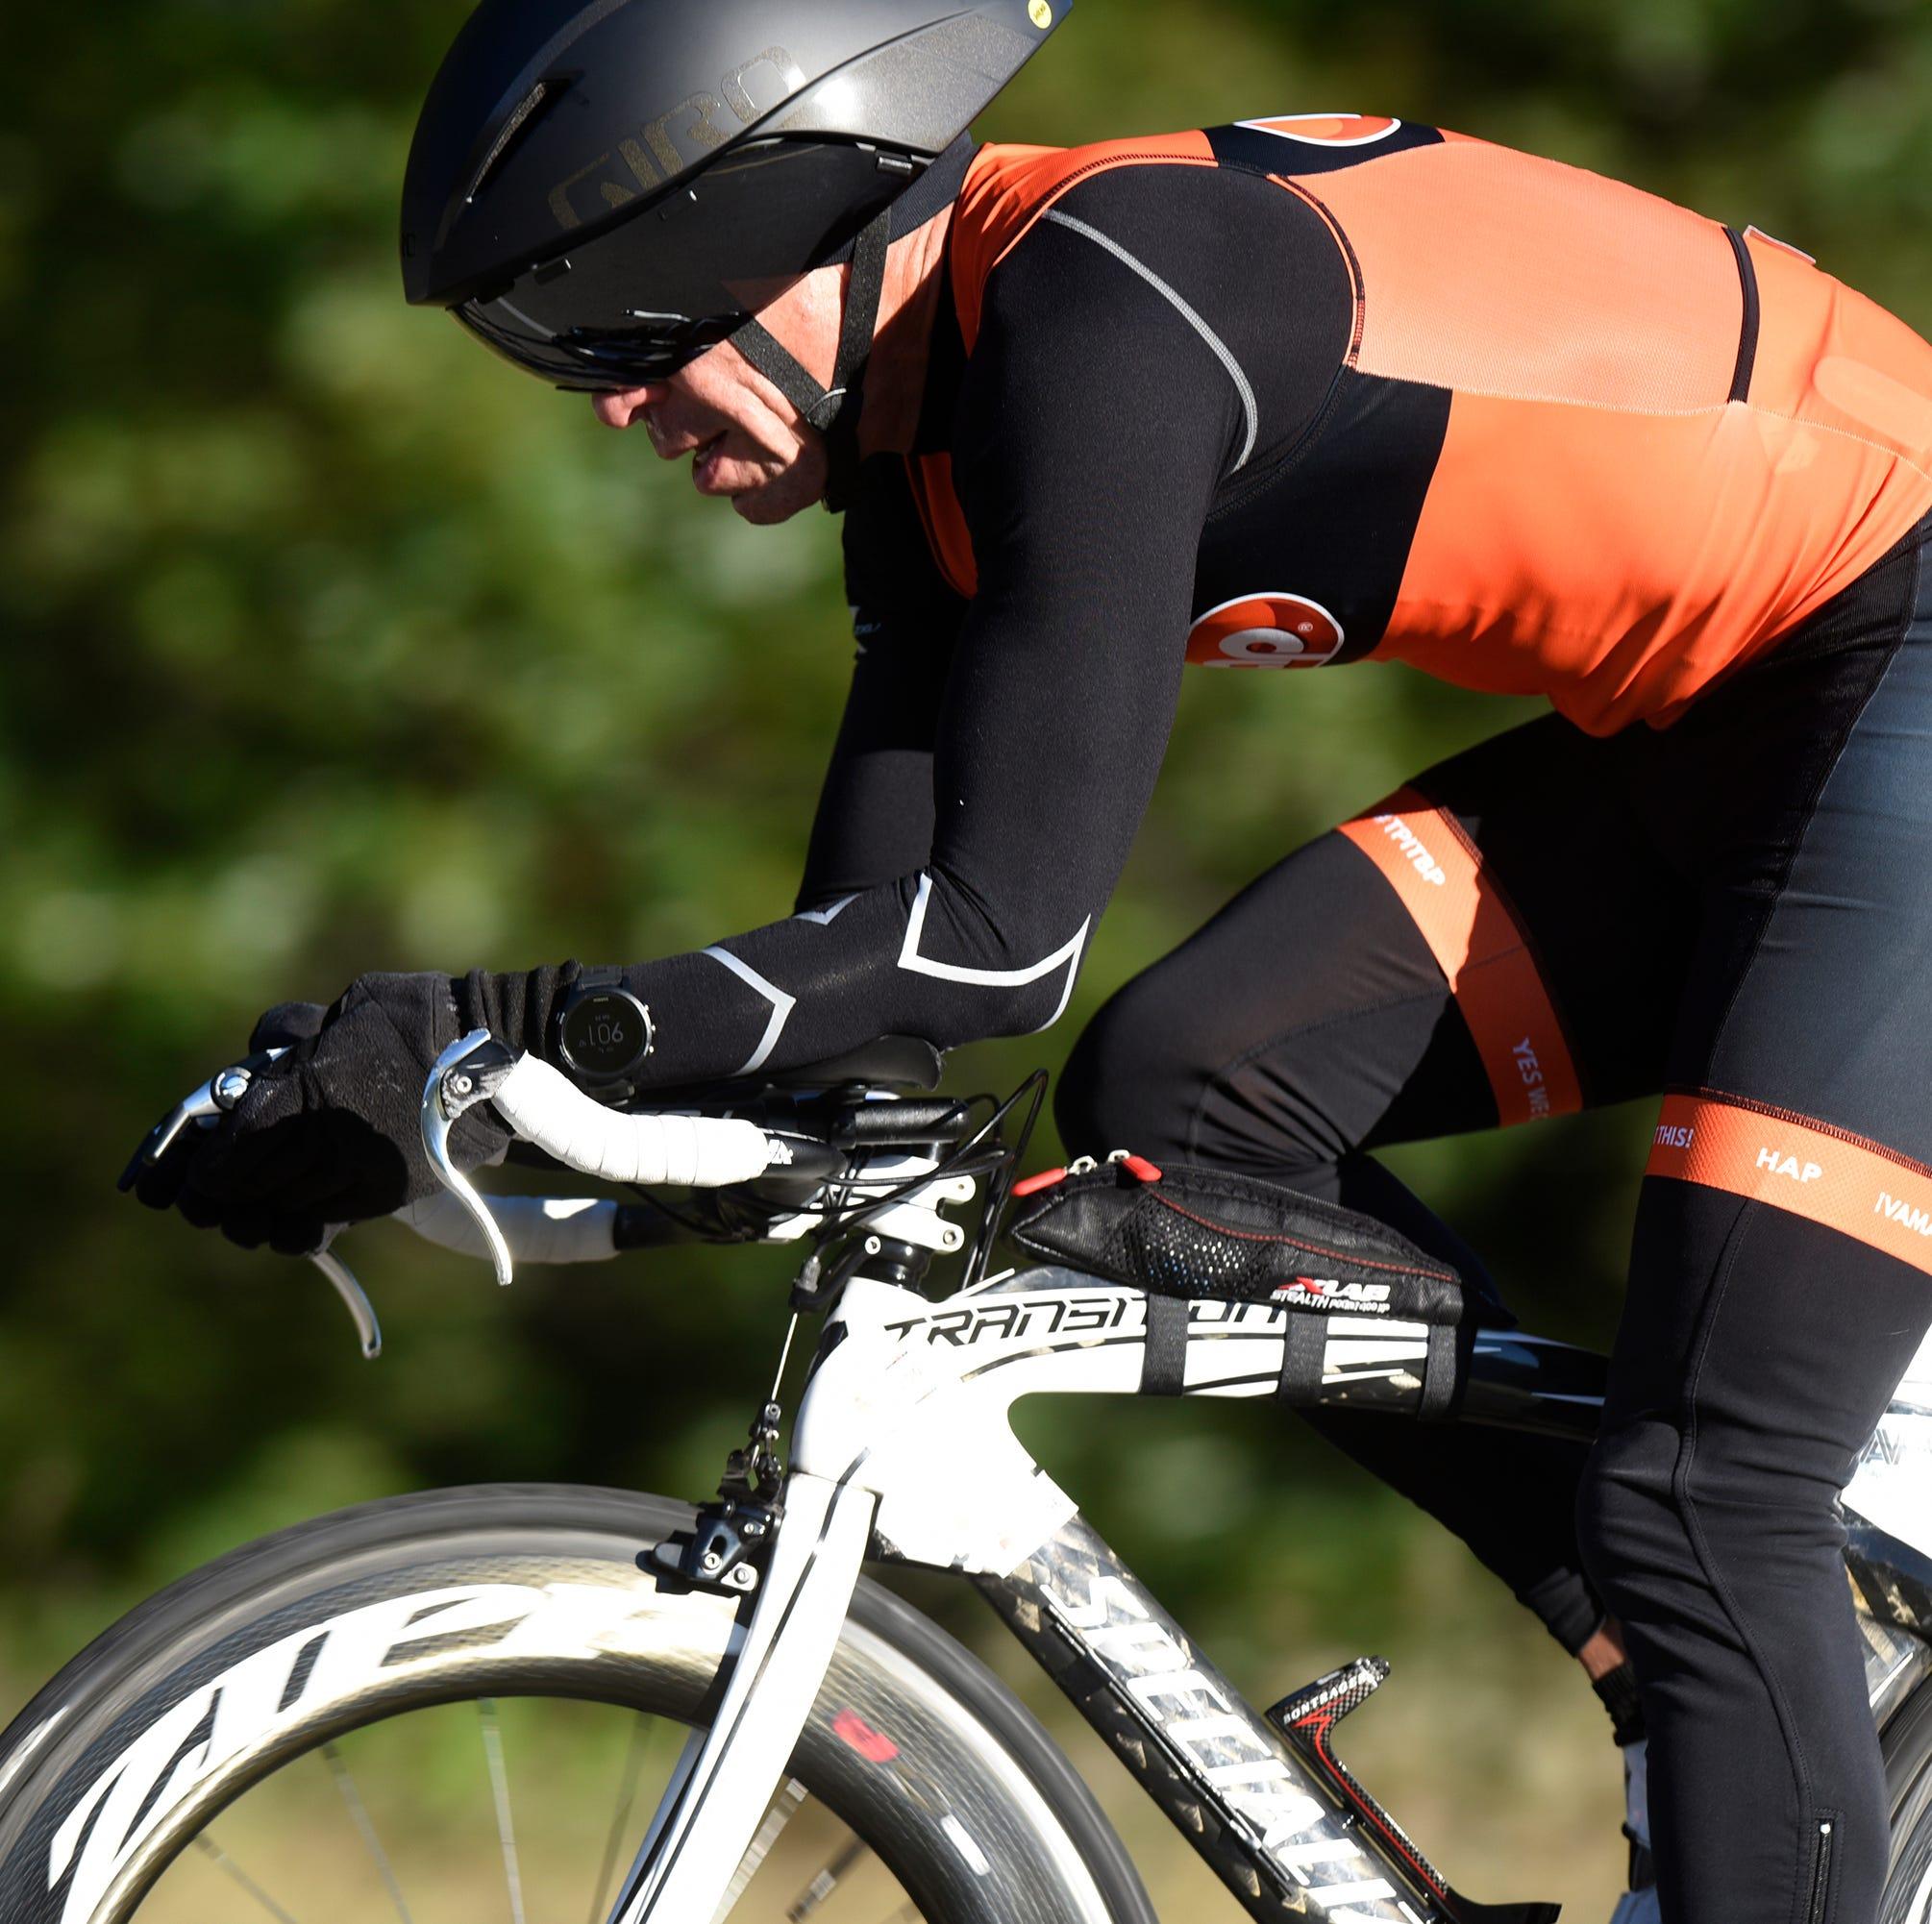 Reaching pinnacle of triathlon, 20 Michigan athletes take on Kona Ironman